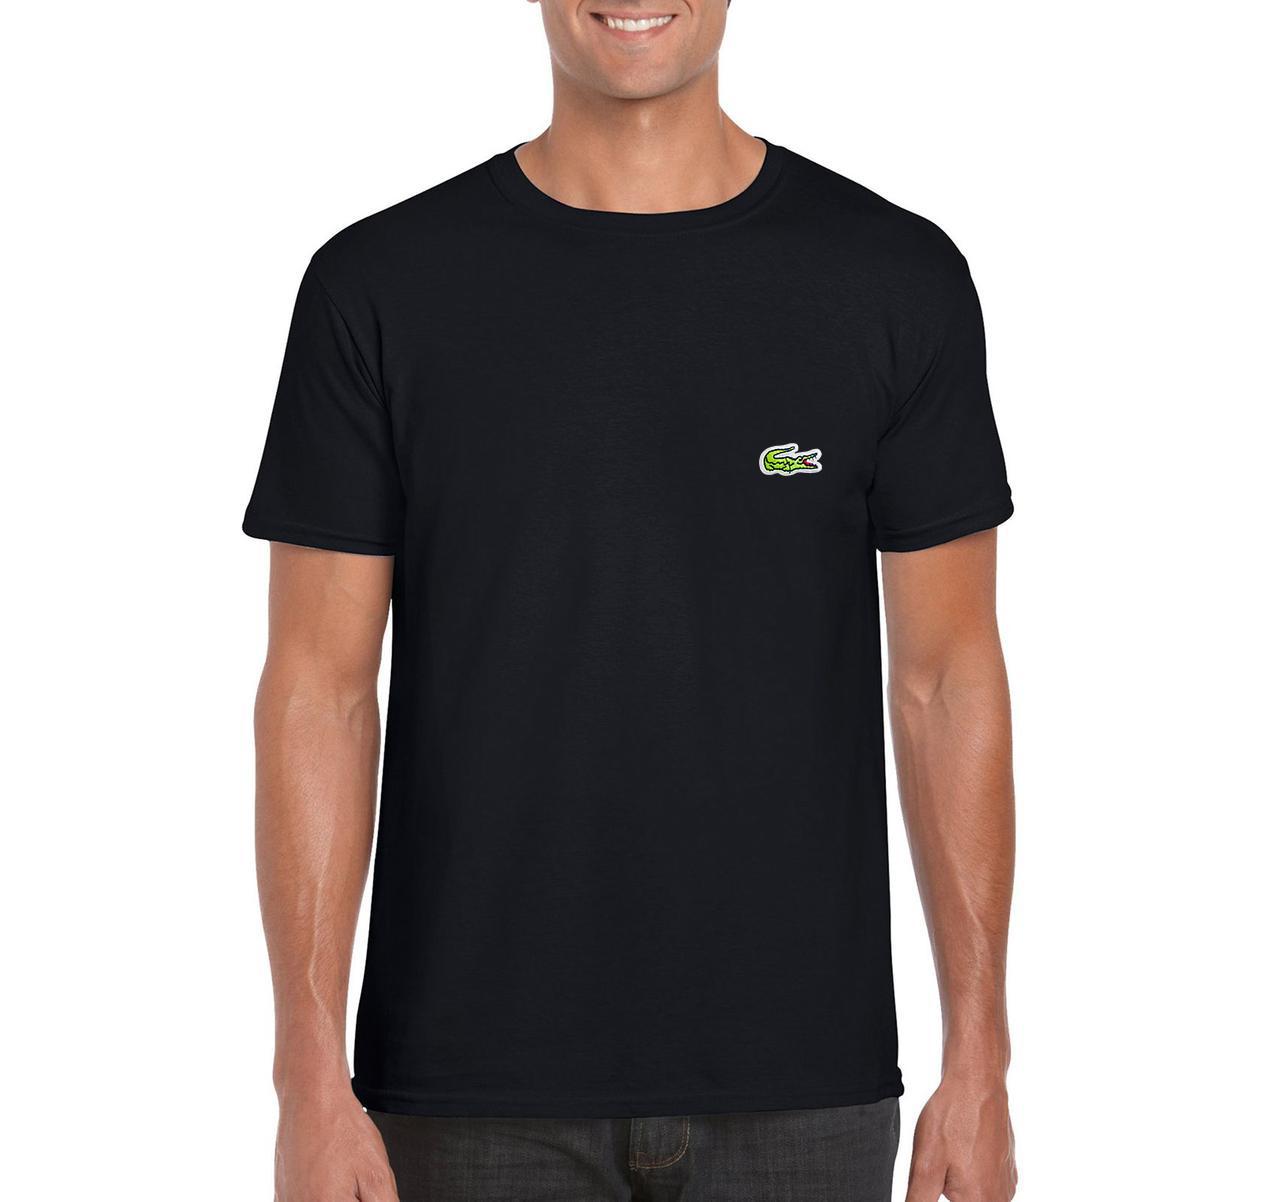 Мужская футболка Lacoste, мужская футболка Лакоста, спортивная, брендовая, хлопок, черная, копия